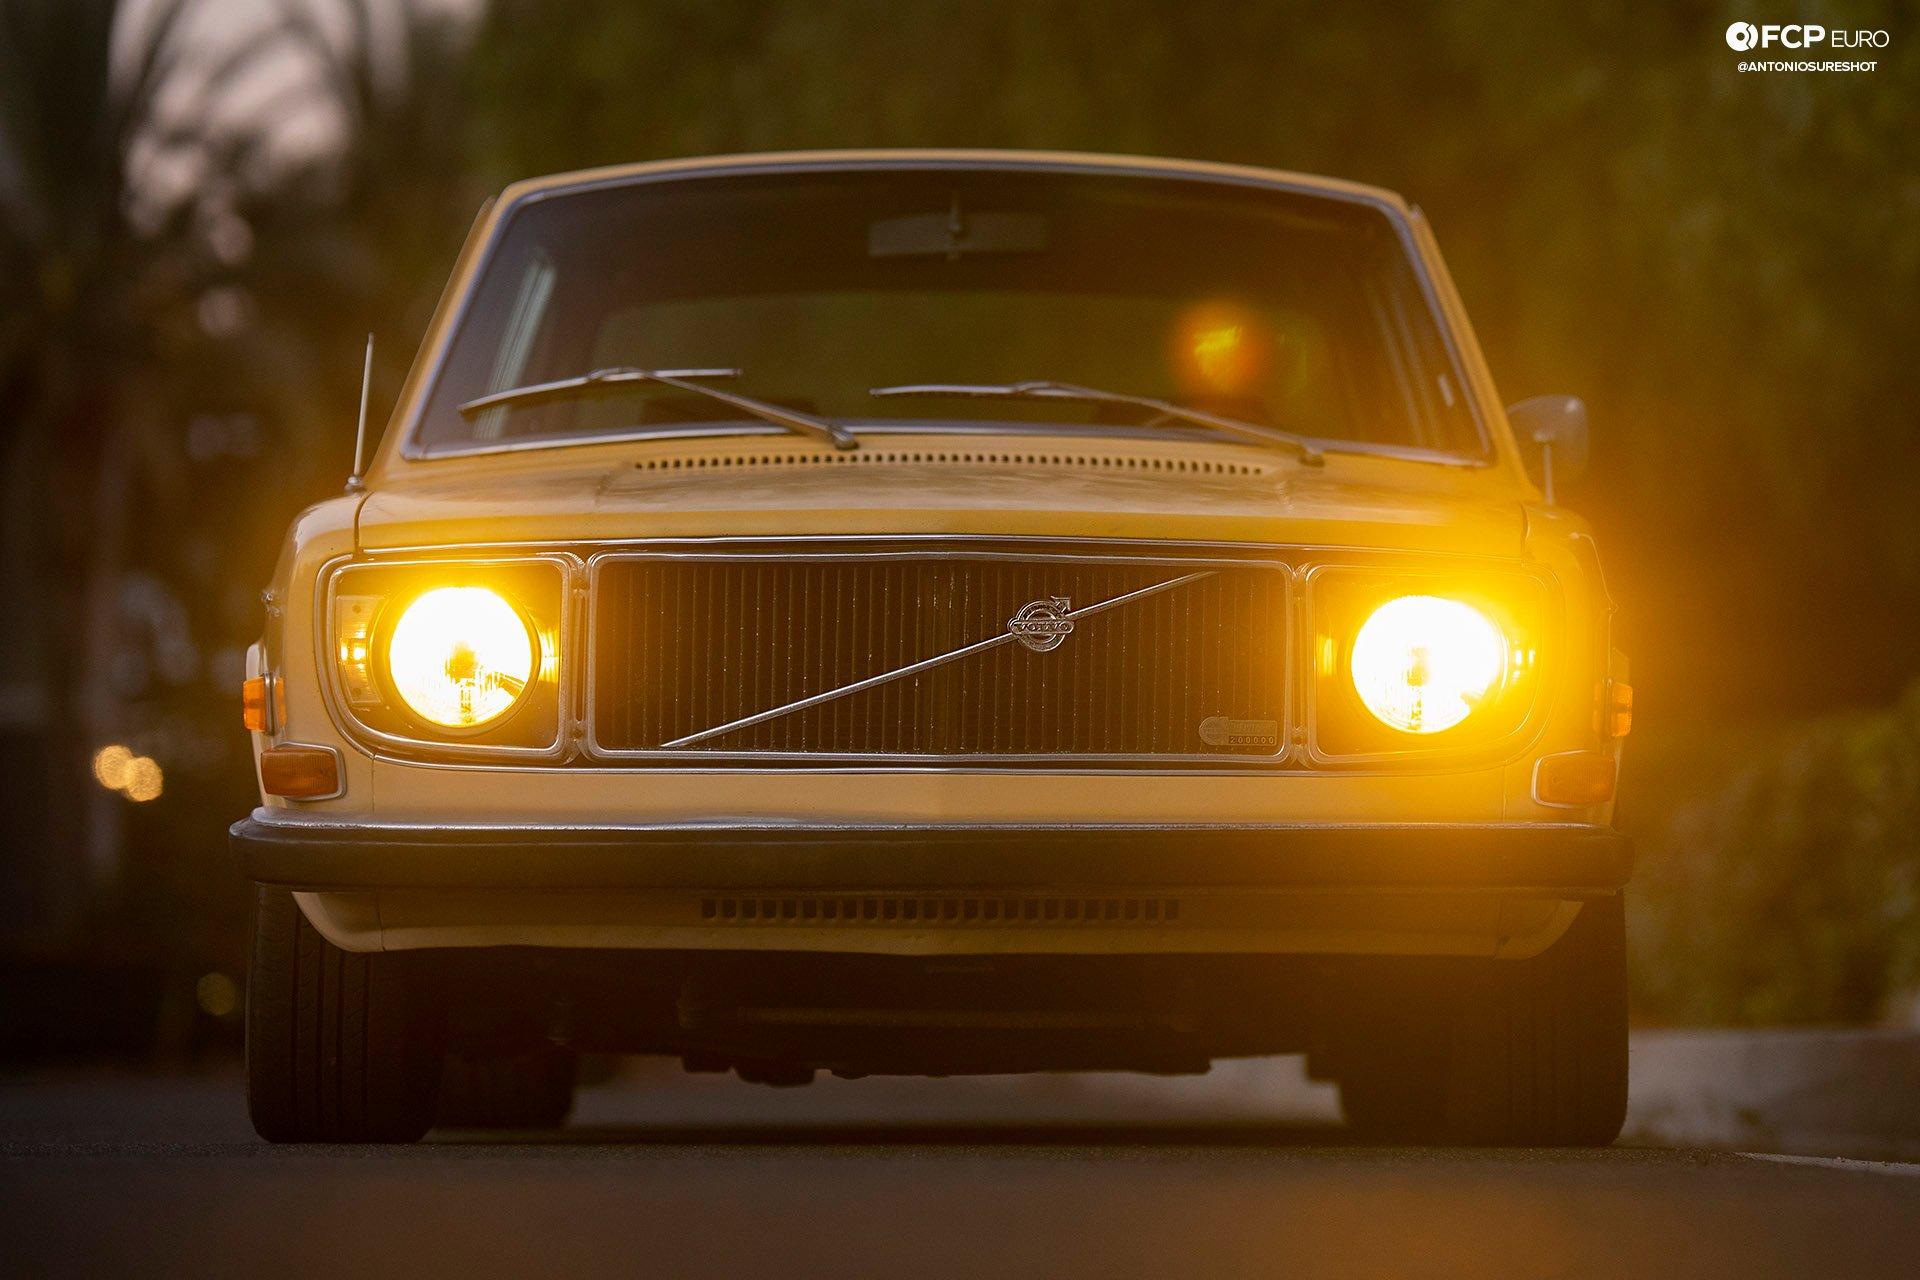 Volvo 142S Gotti Wheels EOSR0590 crop